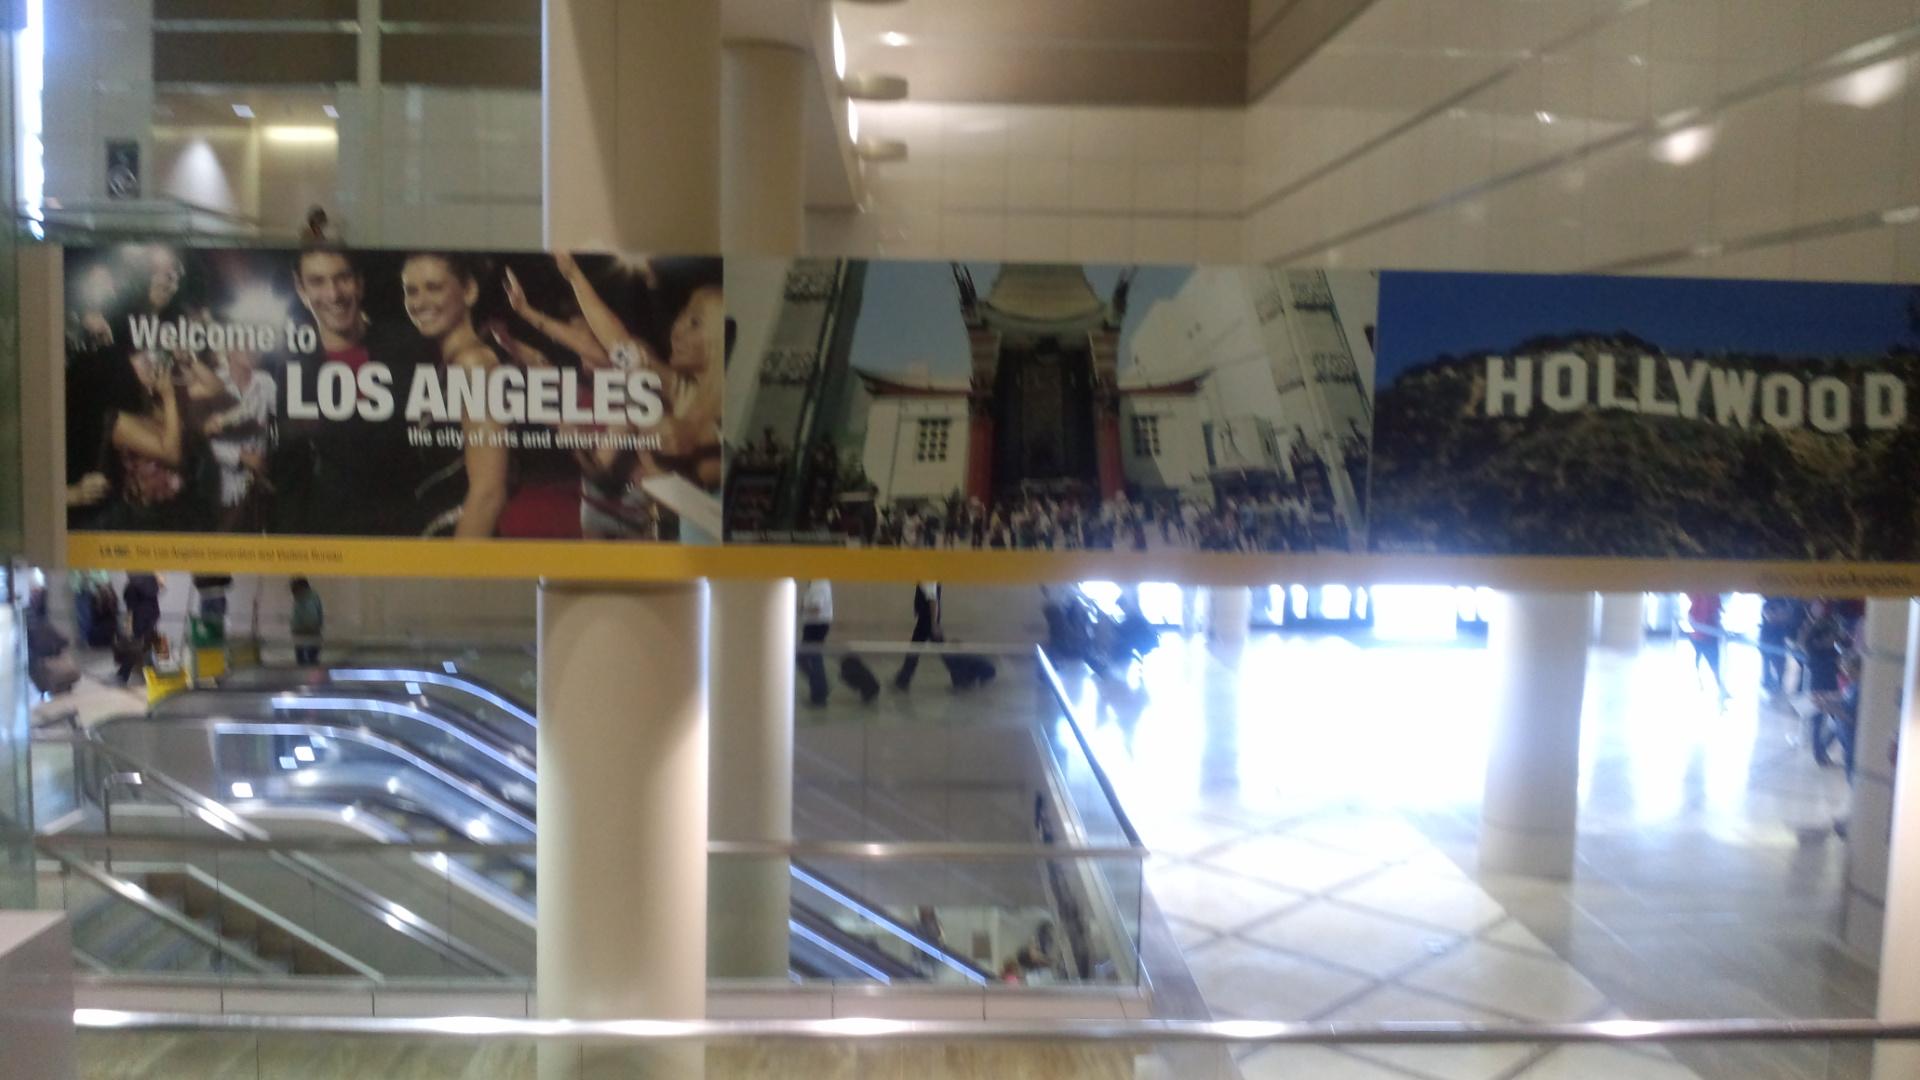 ロサンゼルス到着